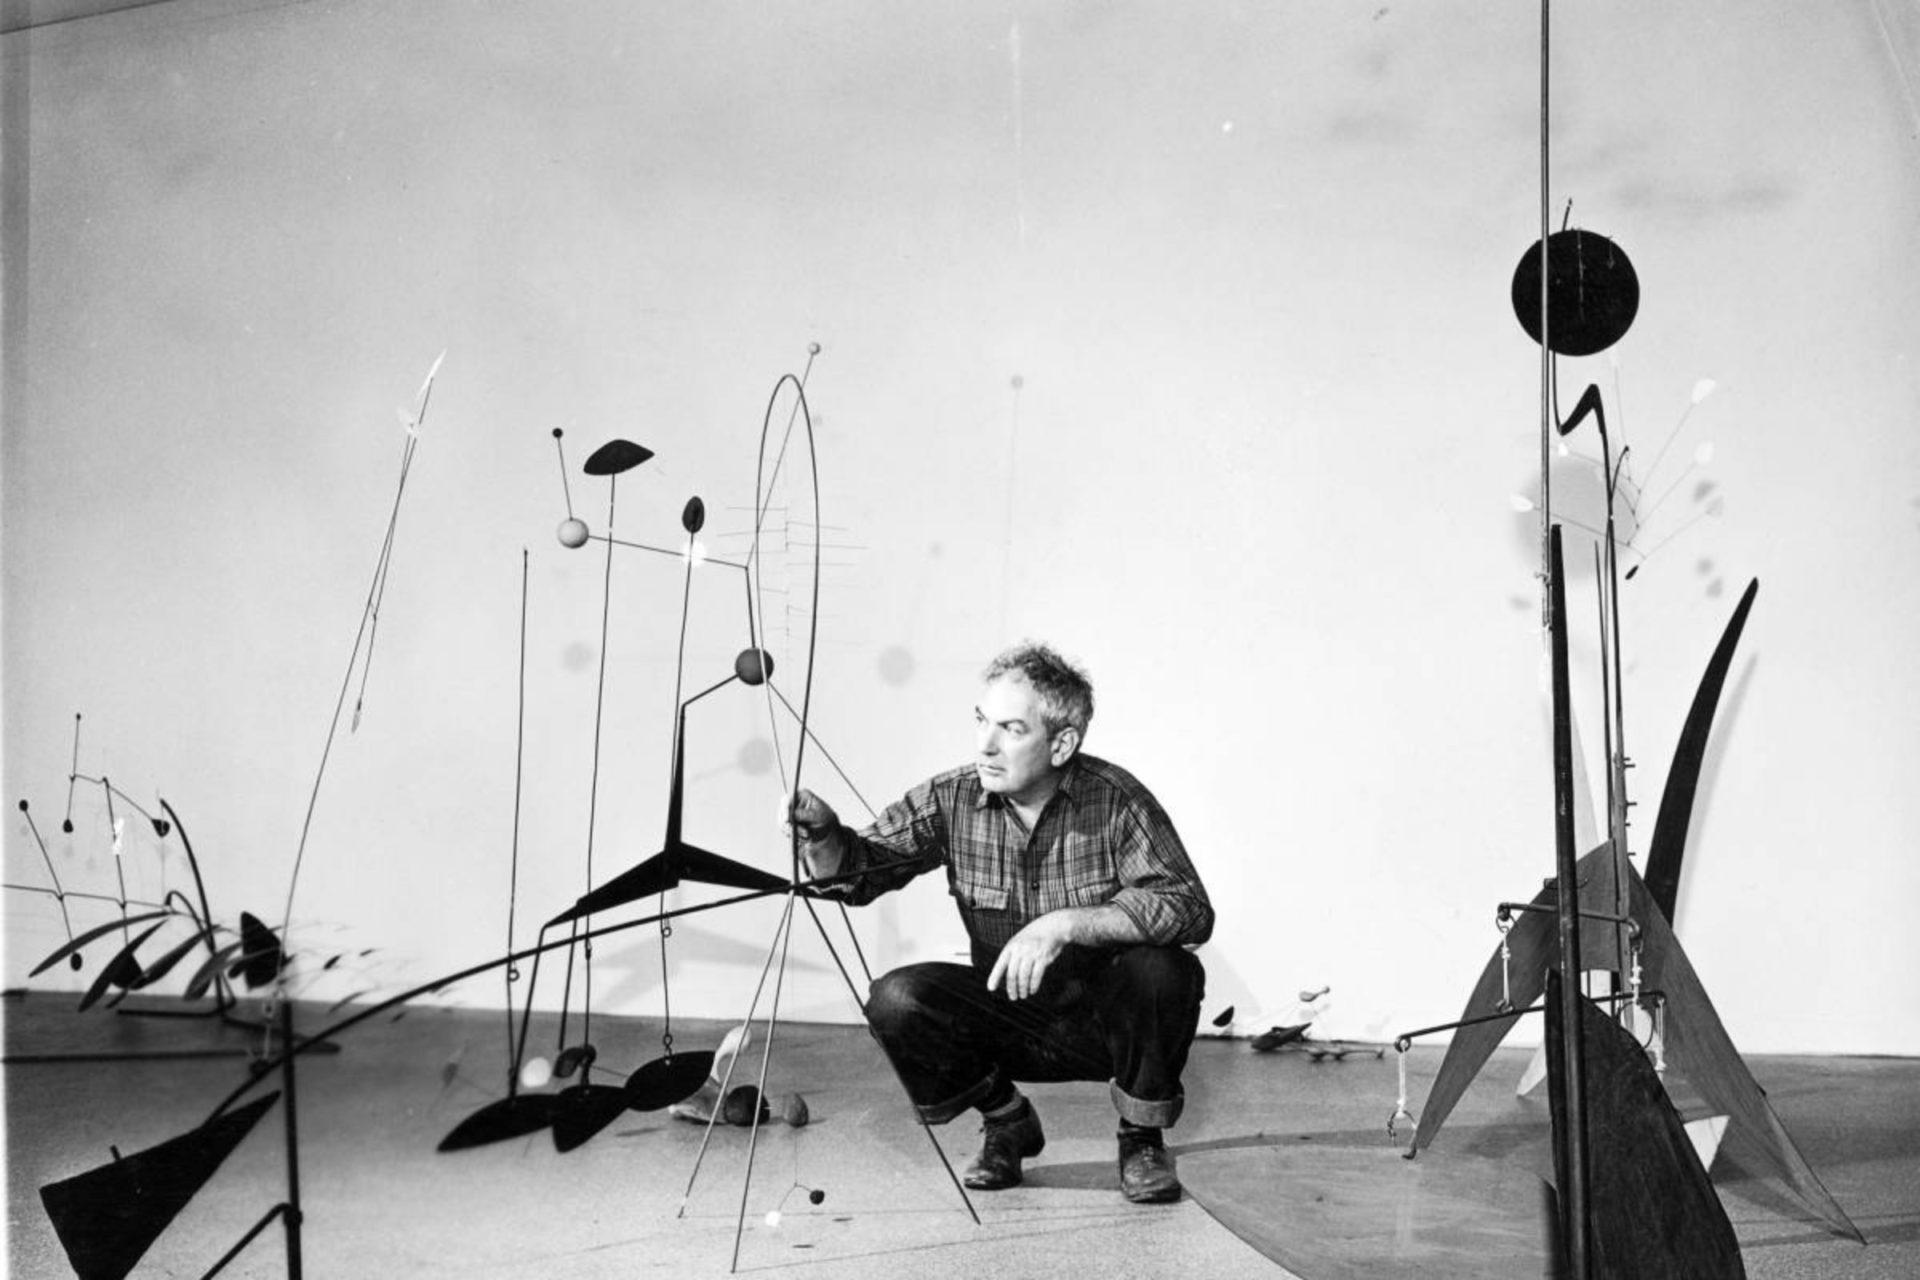 A PIONEER IN KINETIC ART - ALEXANDER CALDER